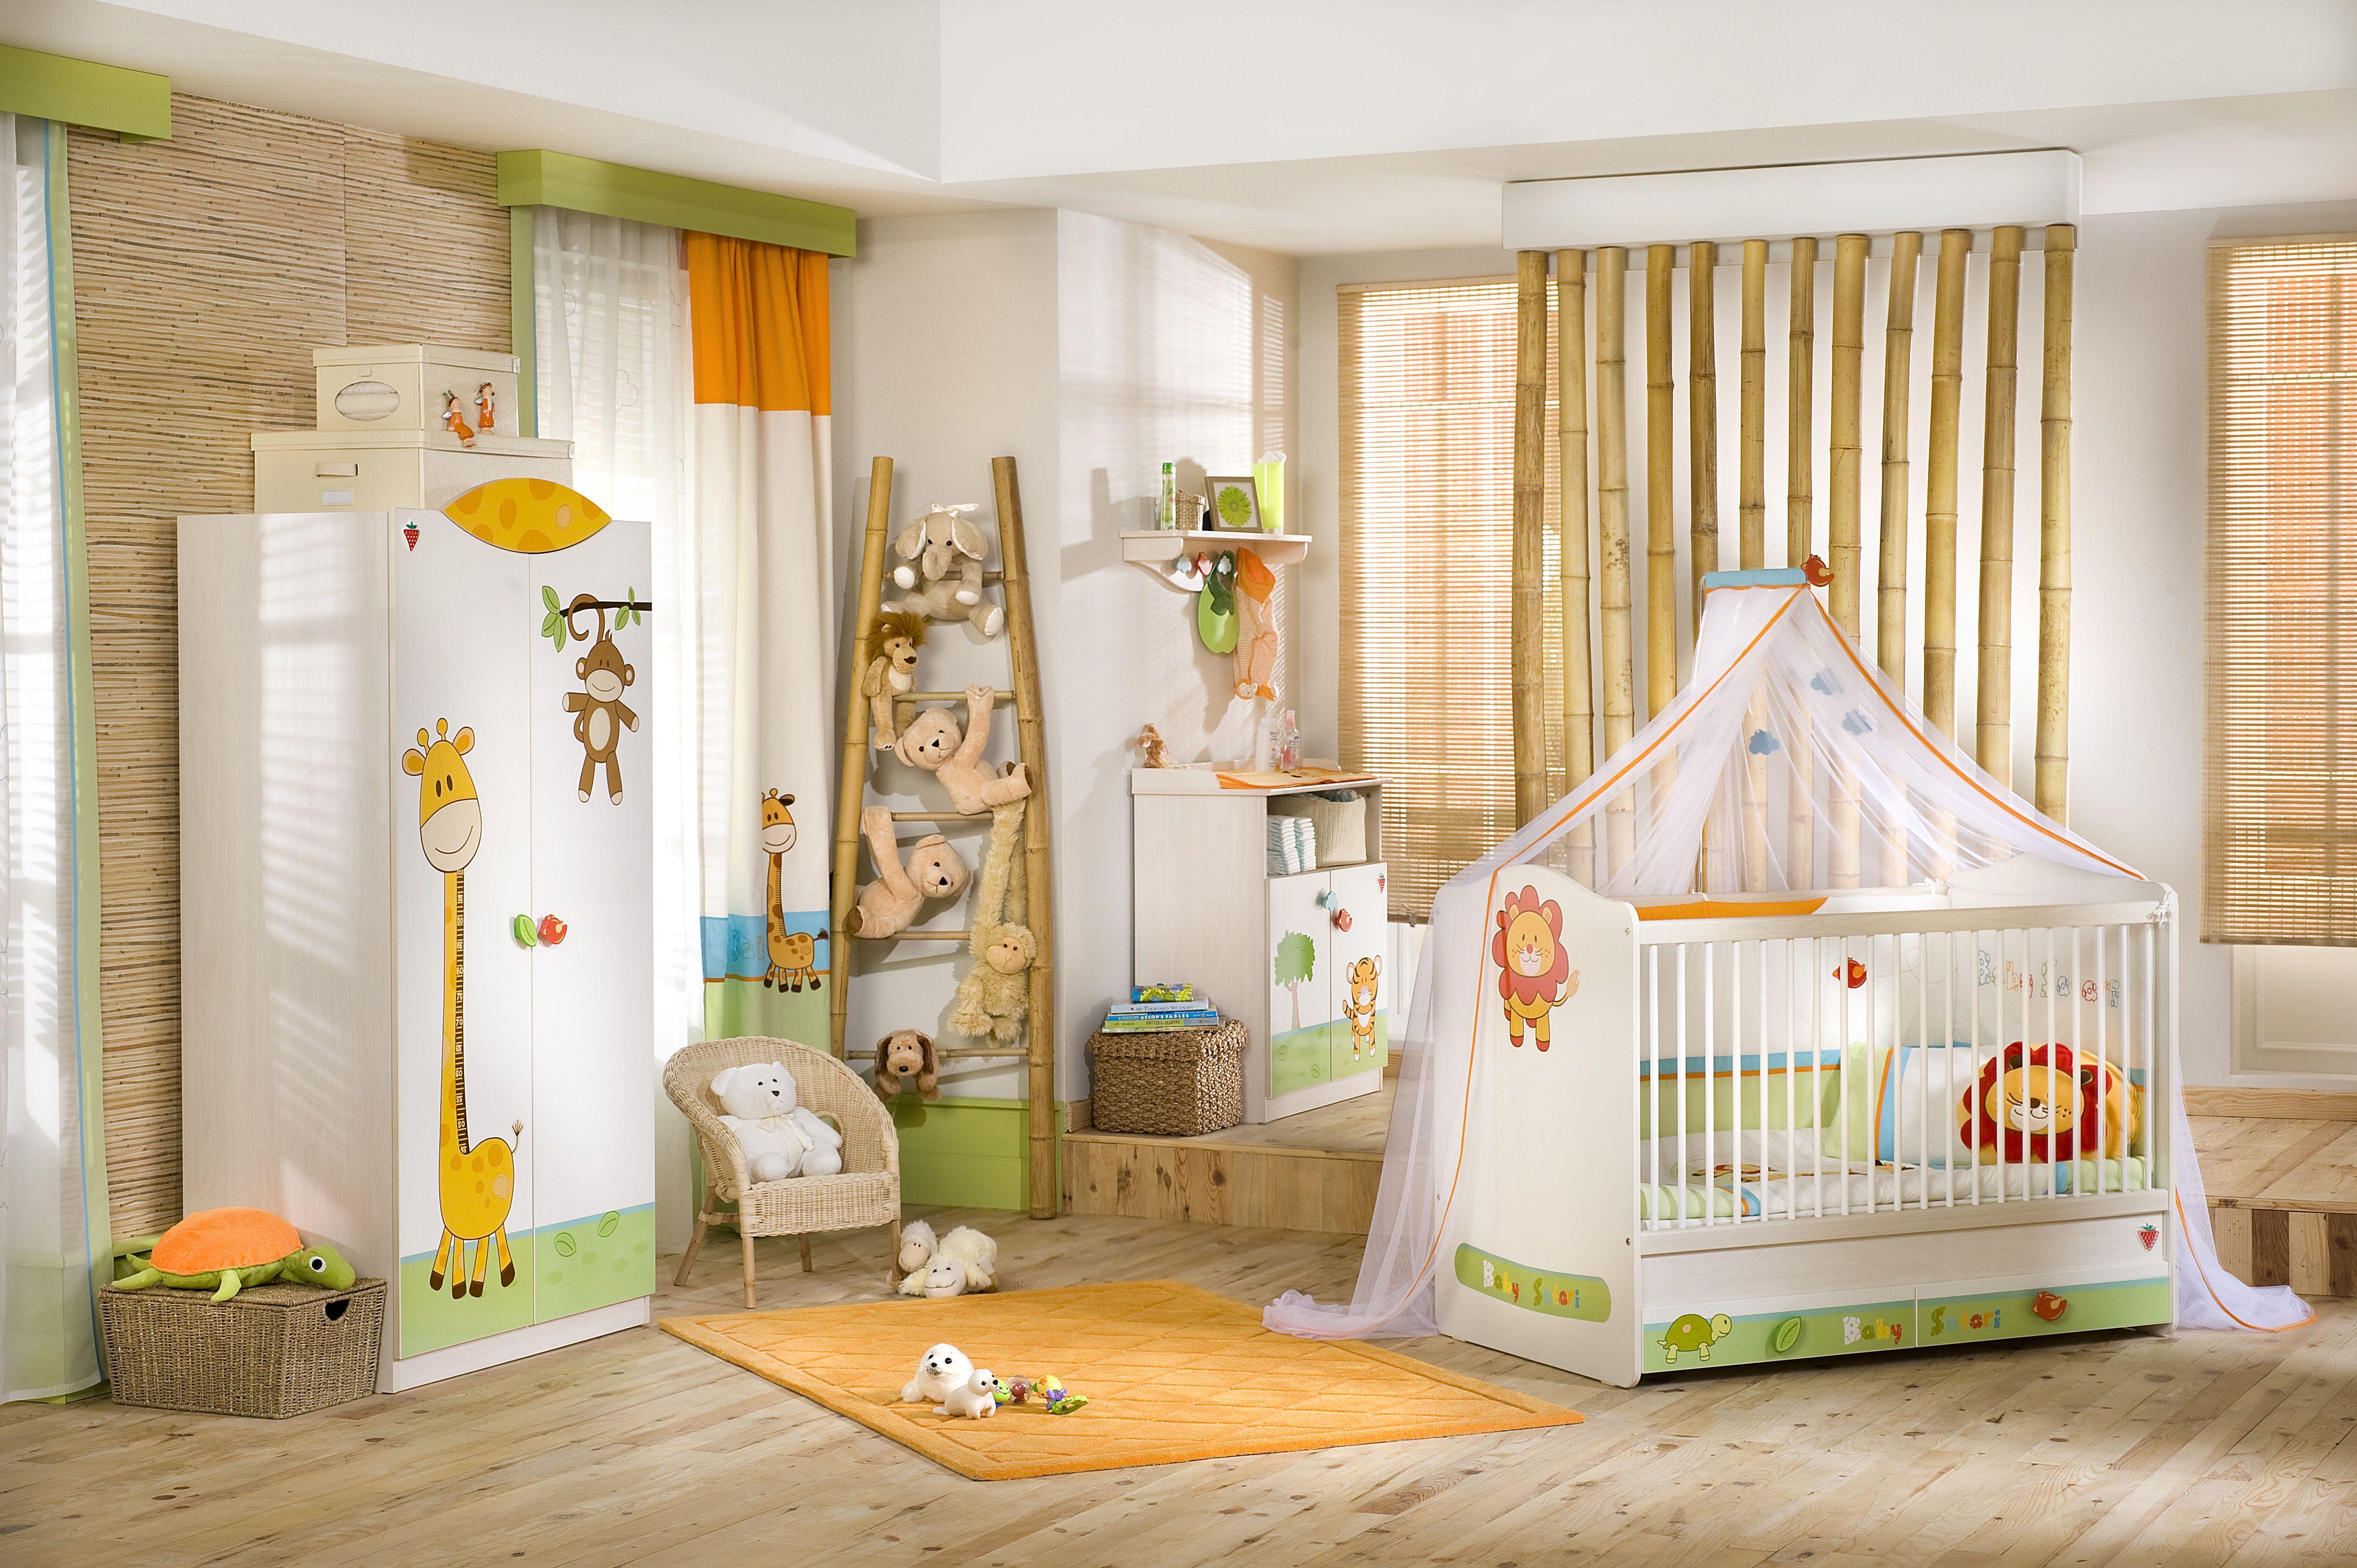 La decoración de animales en el cuarto de tu bebe será una buena ...